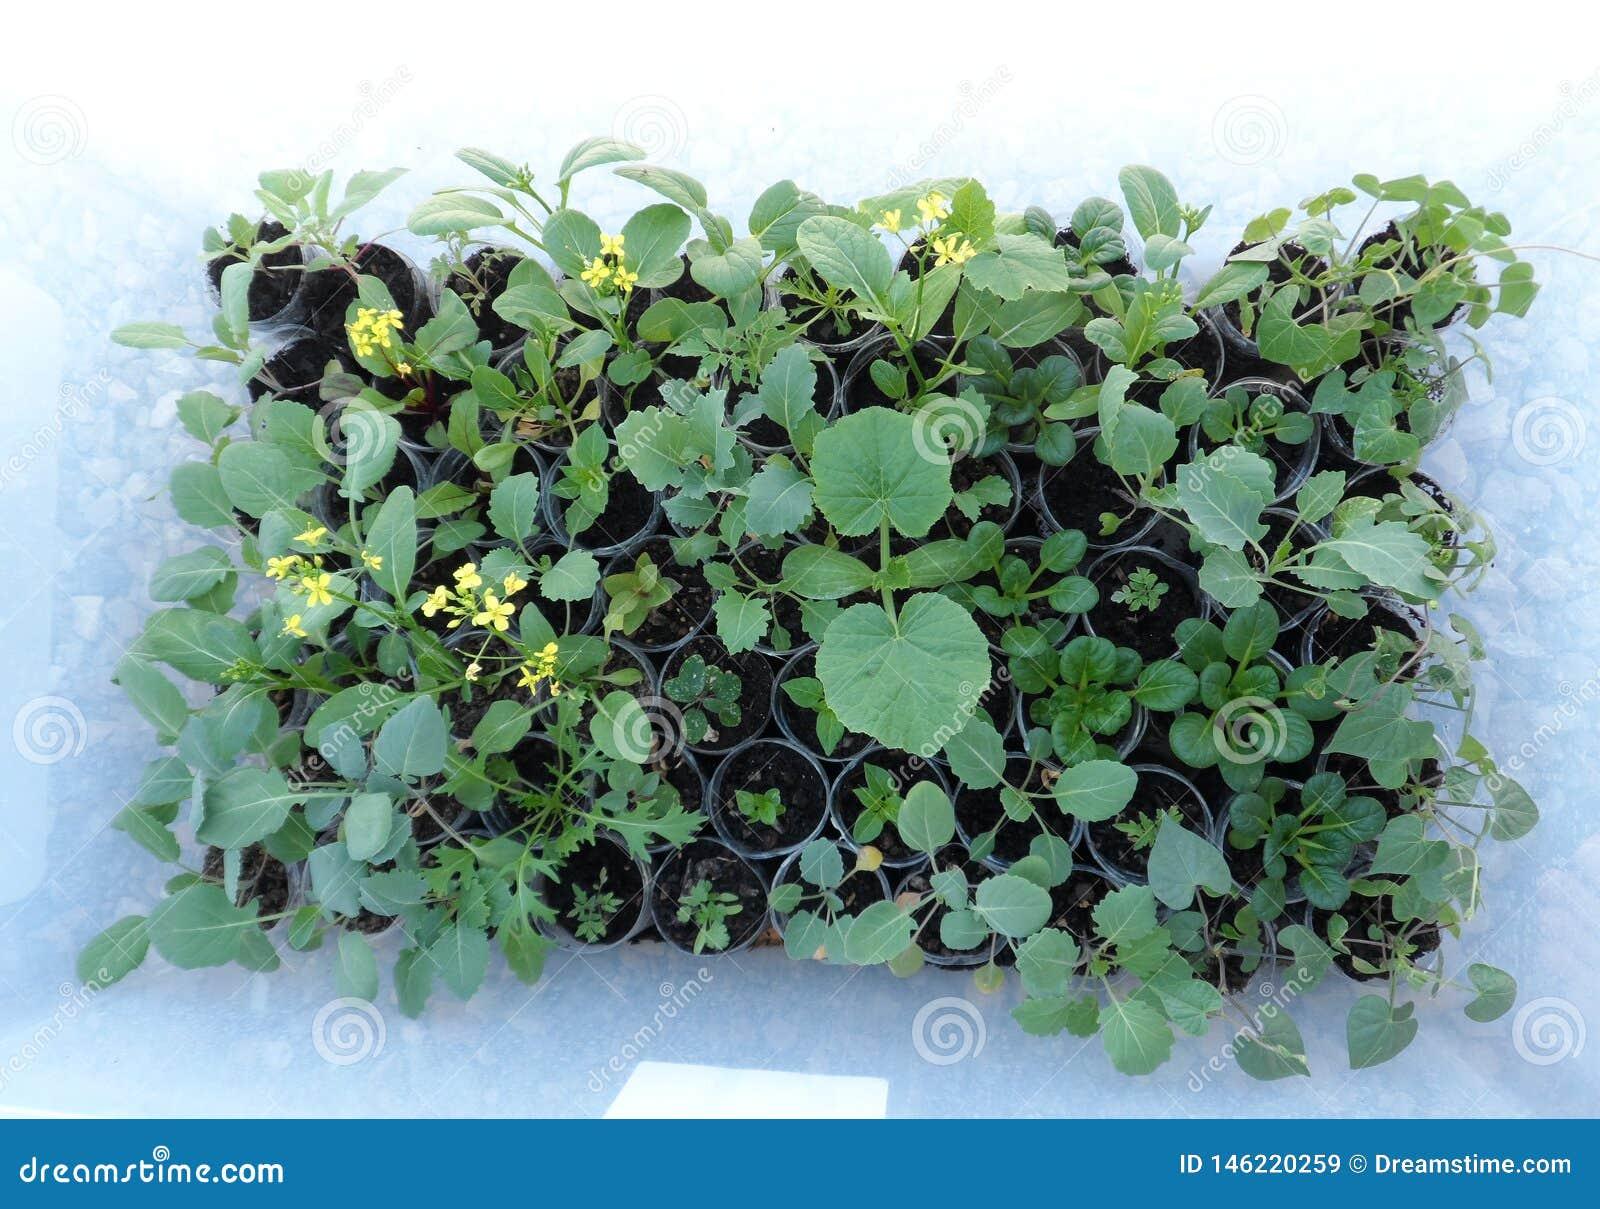 Gula blommor blommar i detta gröna grönsaker som är fullvuxna i en ask